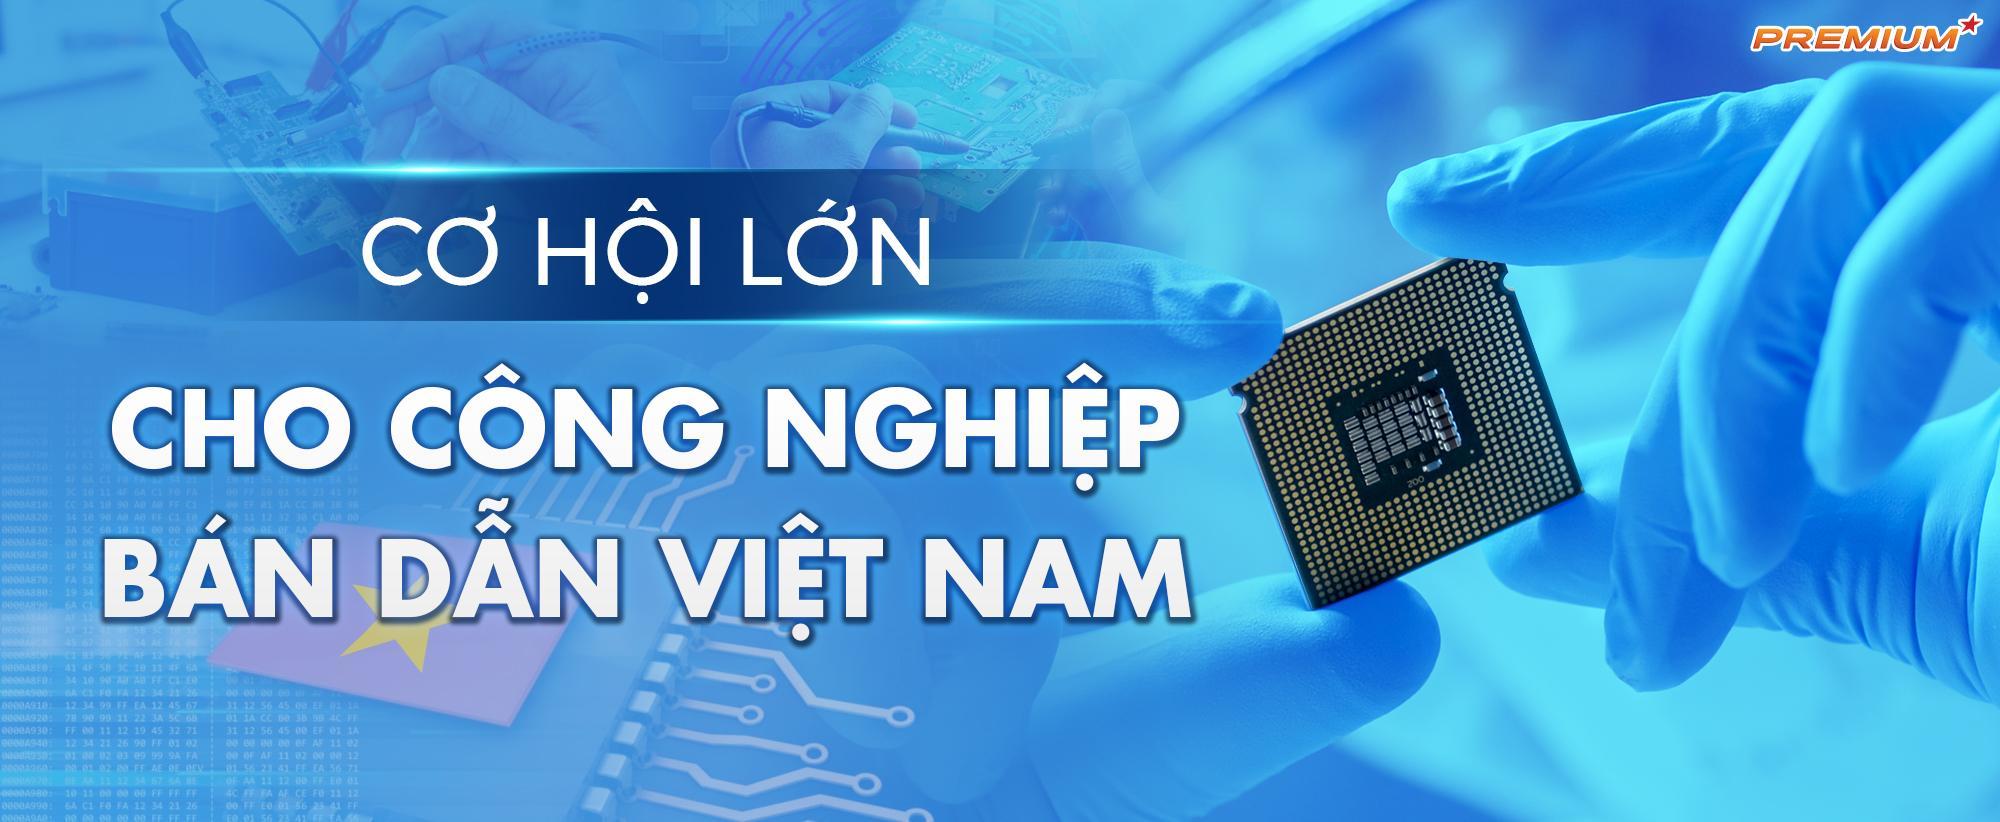 Cơ hội lớn cho công nghiệp bán dẫn Việt Nam